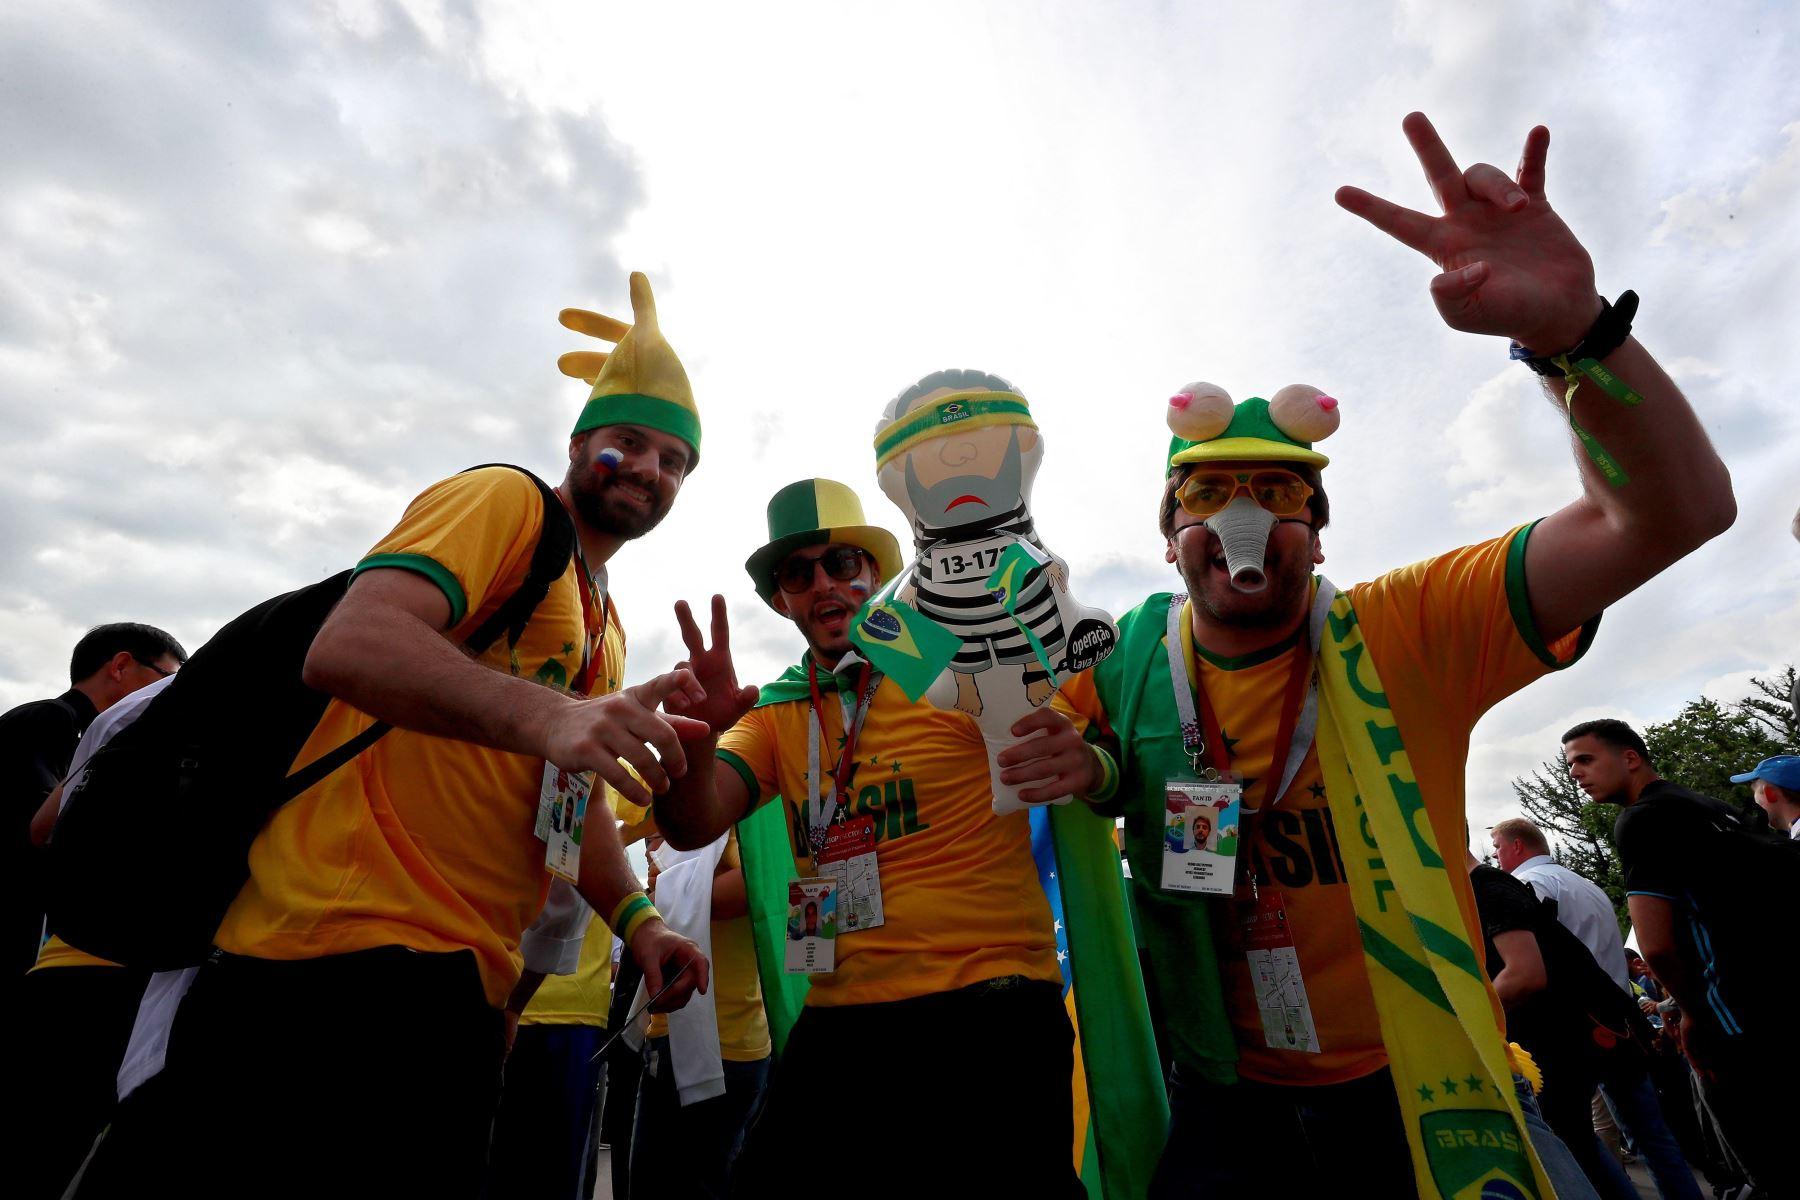 Aficionados Brasileros esperan en los alrededores del estadio el inicio del partido inaugural del Mundial de Rusia 2018 entre las selecciones de Rusia y Arabia SaudÌ, en el Estadio Luzhniki de Moscú. Foto: EFE